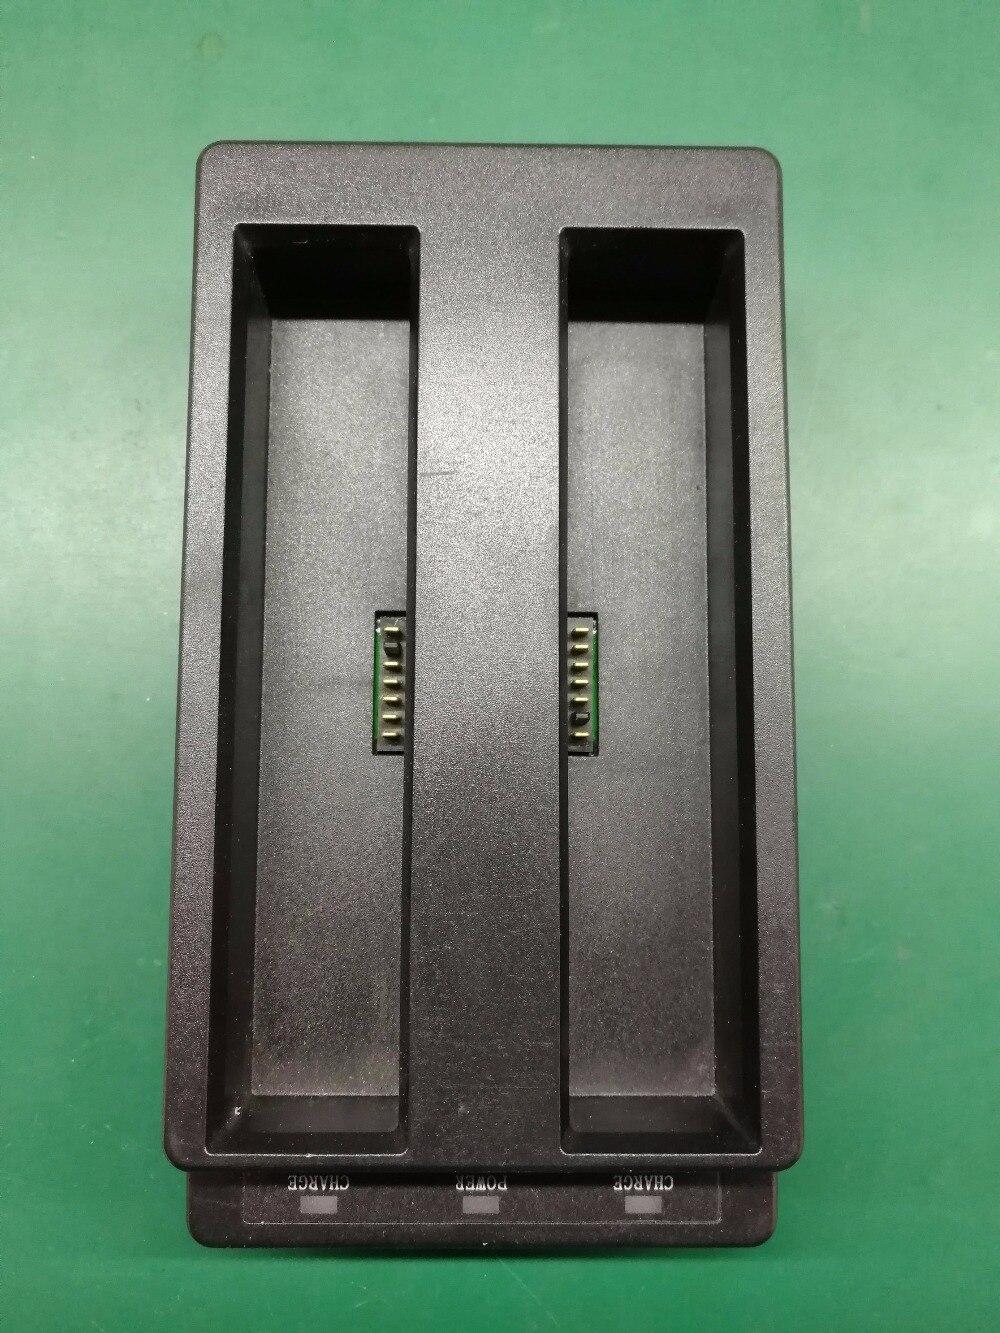 Цзилун волокна сварочный аппарат KL-500 KL-520 C3 KL-530 Батарея питания переменного тока зарядное устройство базы зарядное устройство